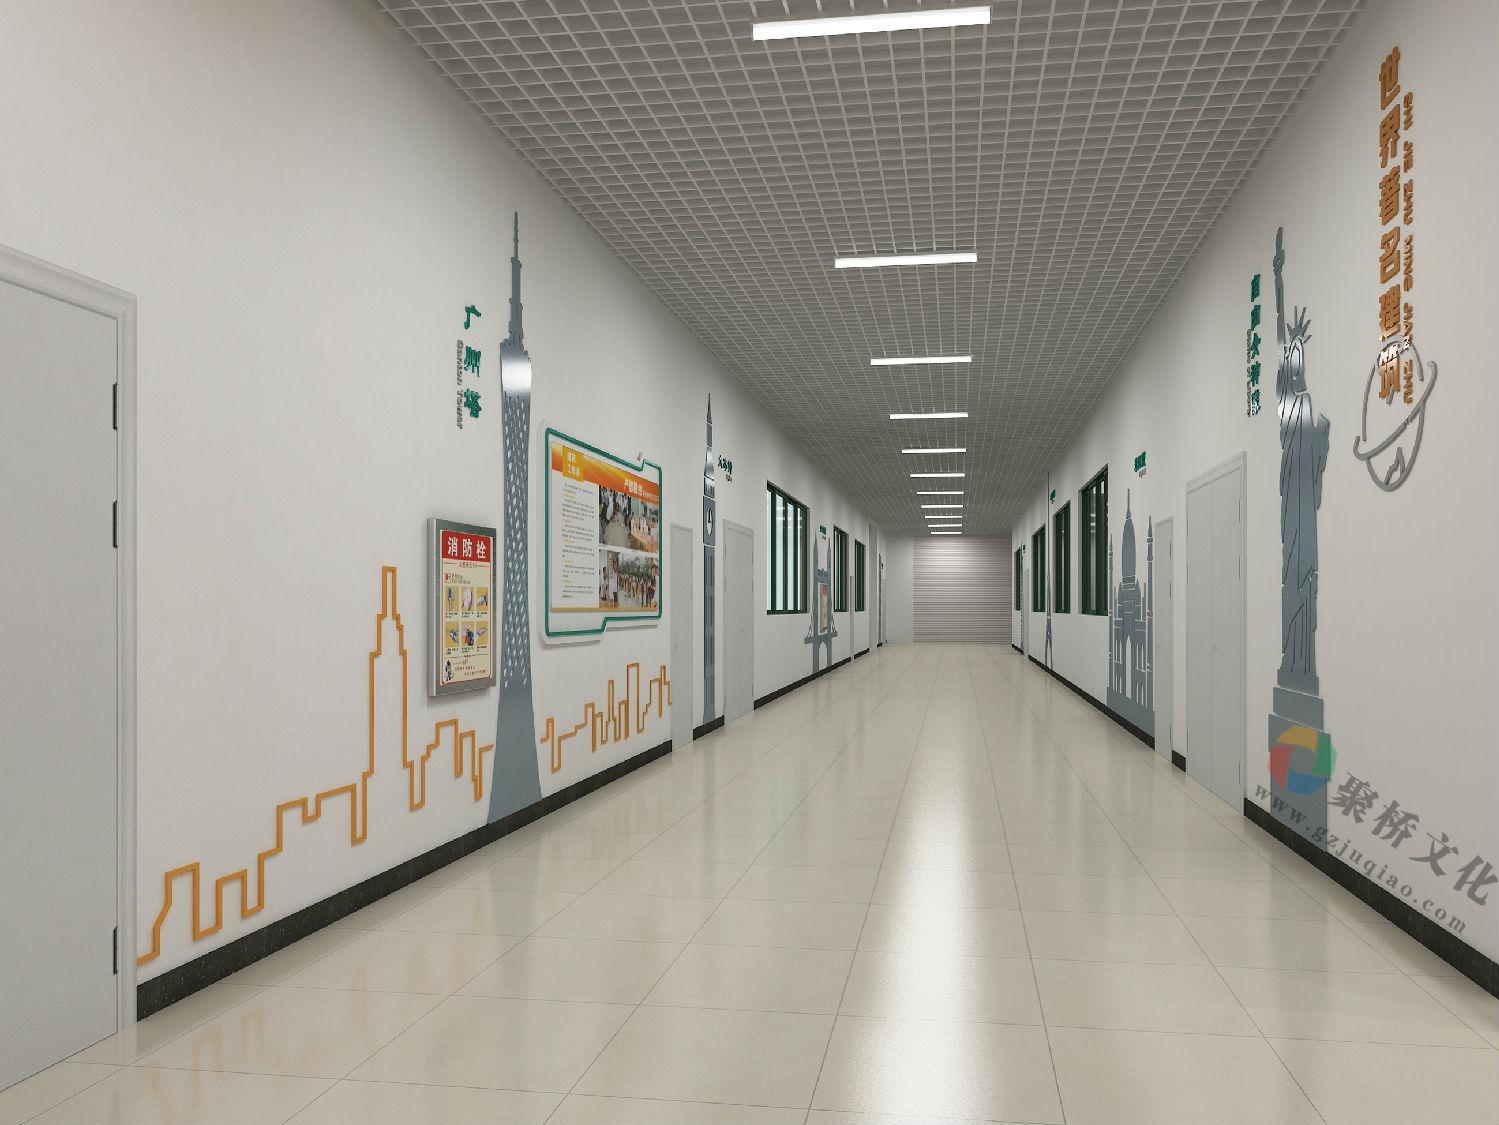 高职院校文化长廊设计